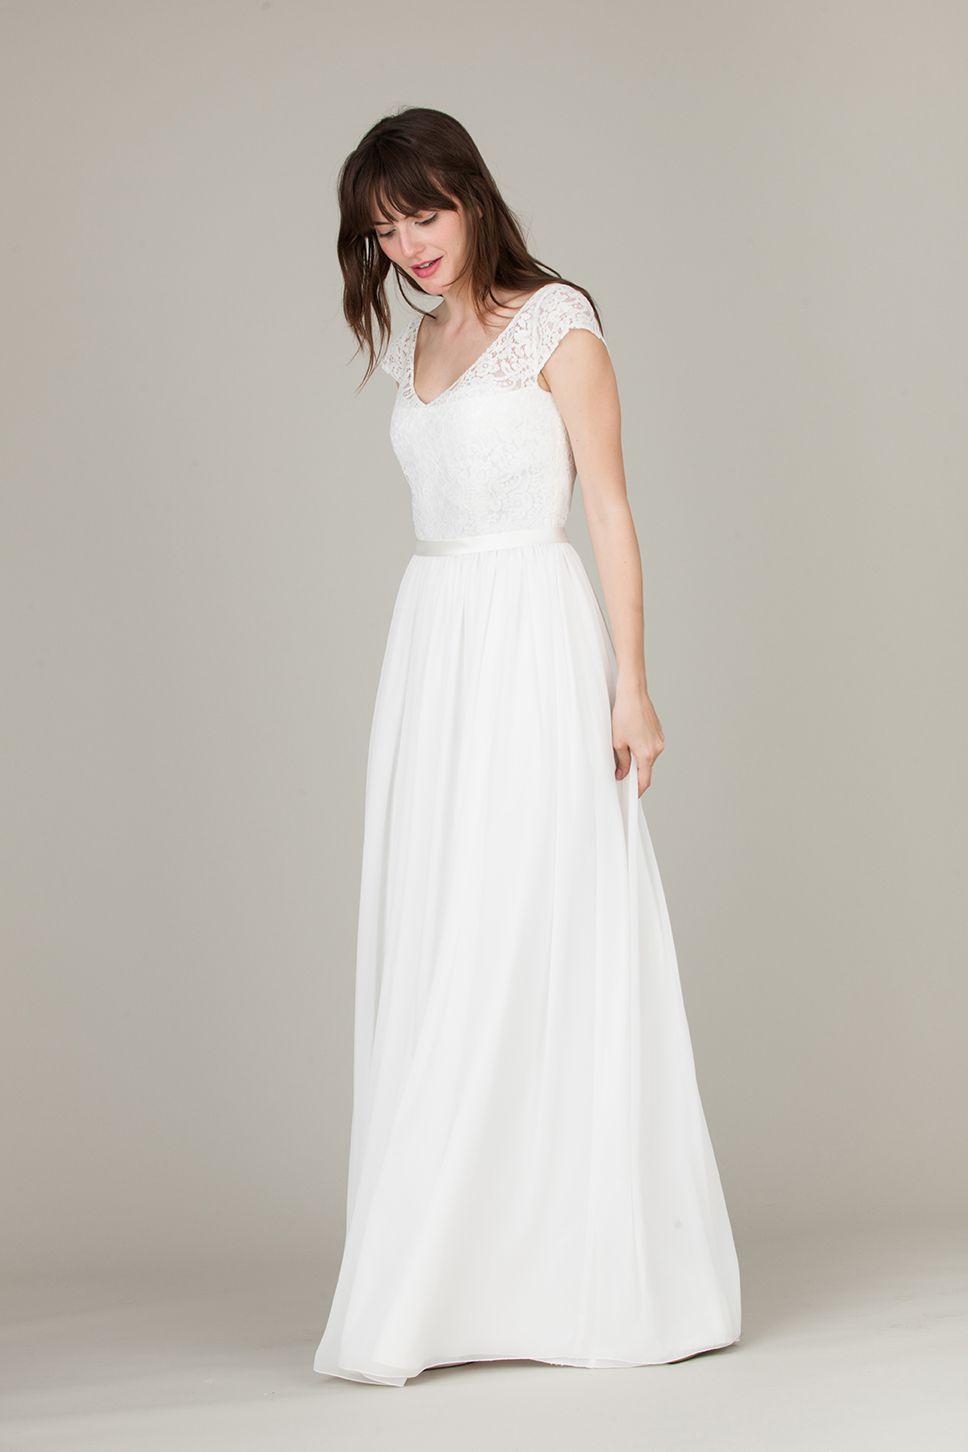 Kollektion › therese und luise  Braut, Hochzeit kleidung, Kleider Klein